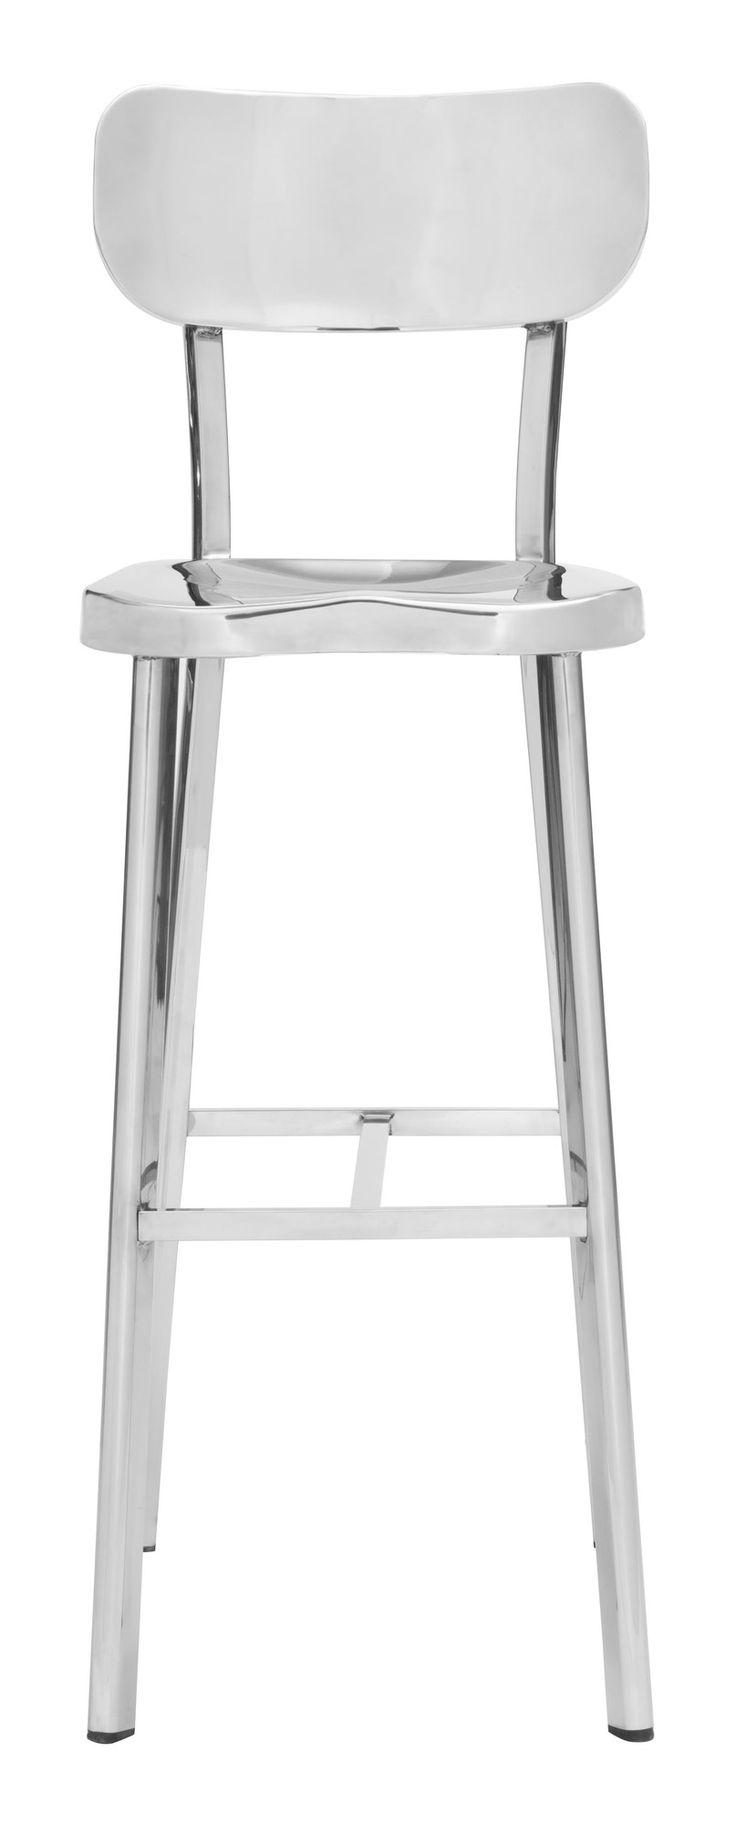 Kees bar stool products bar stools and bar